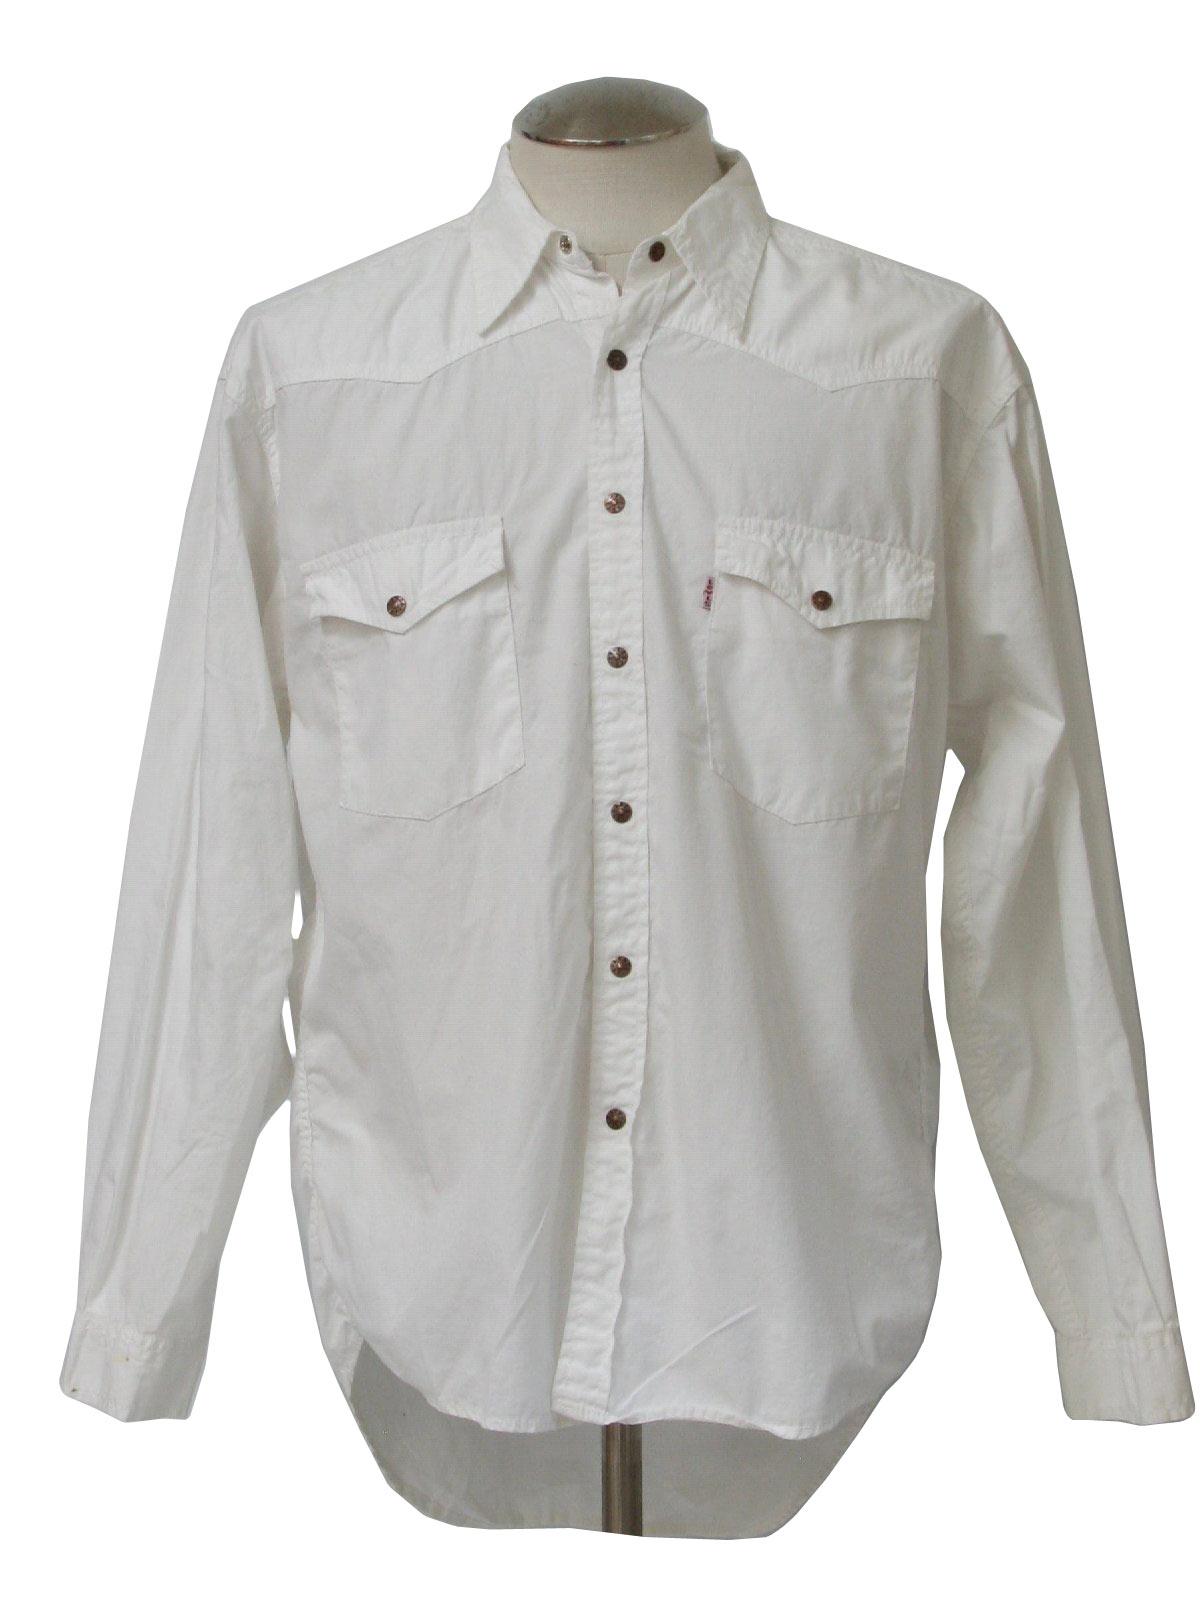 1990's Vintage Levis Western Shirt: 90s -Levis- Mens white ... | 1200 x 1600 jpeg 141kB